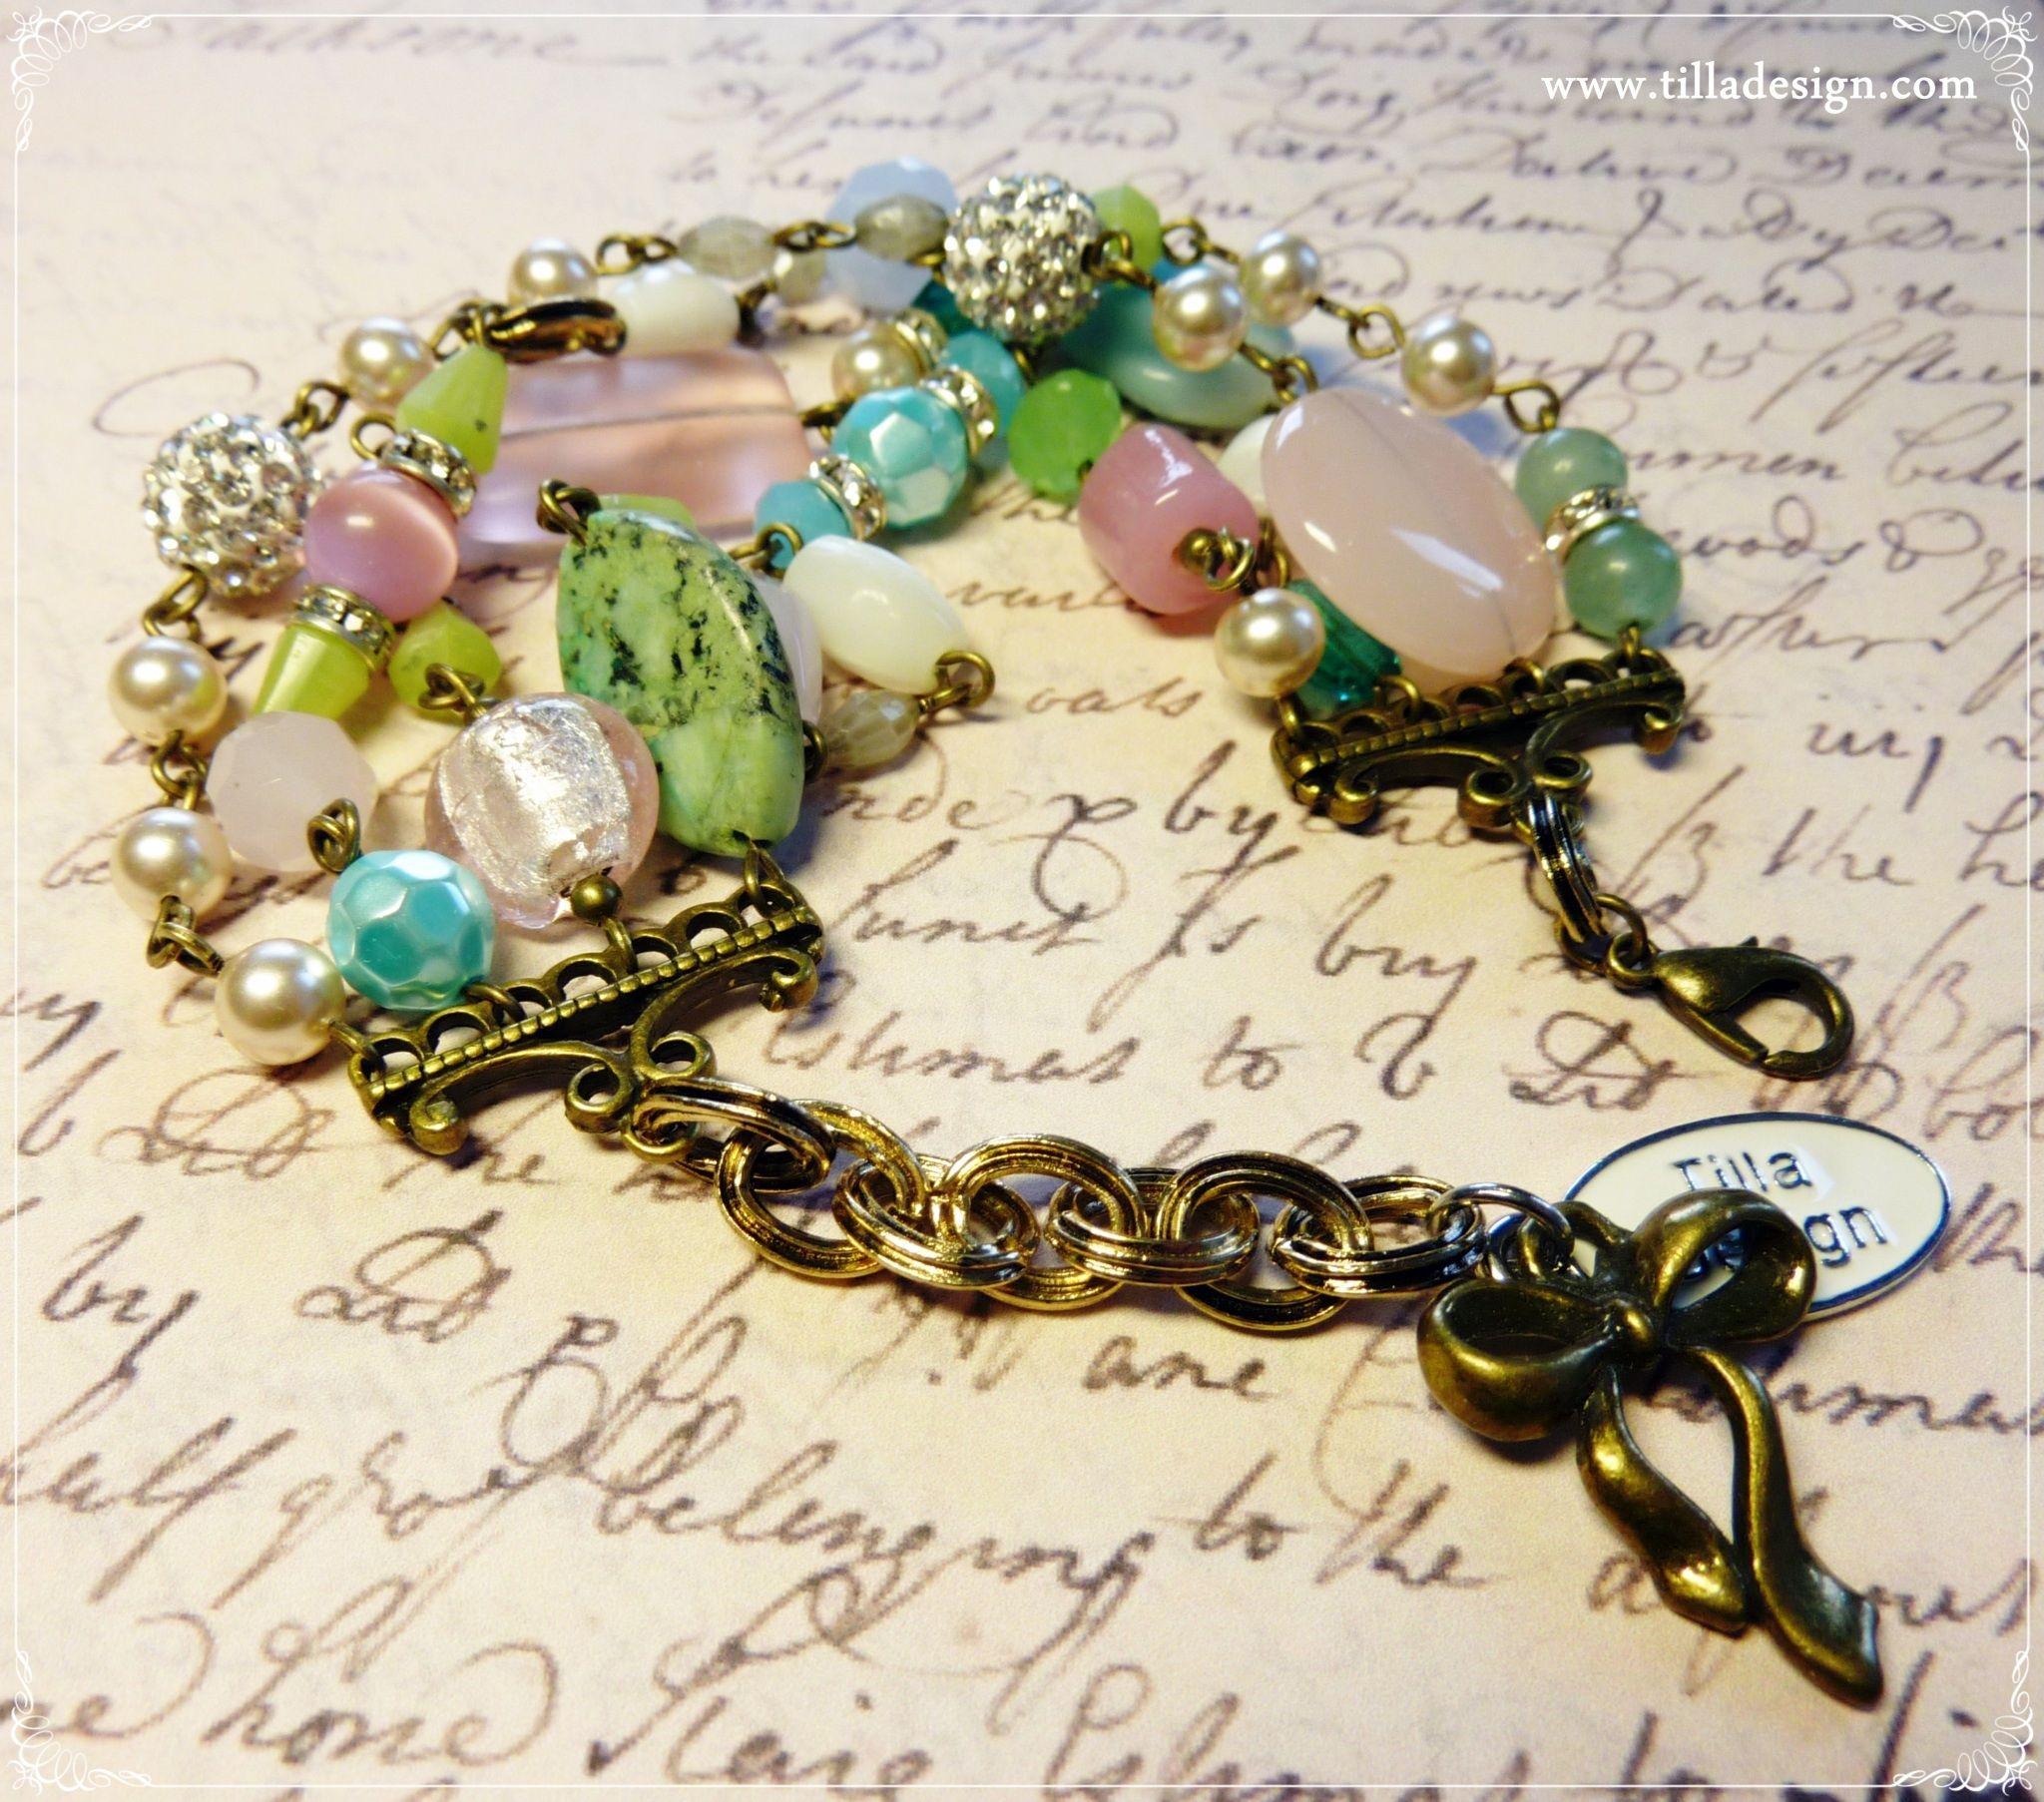 Lovely sorbet pastelle bracelet made by www.tilladesign.com